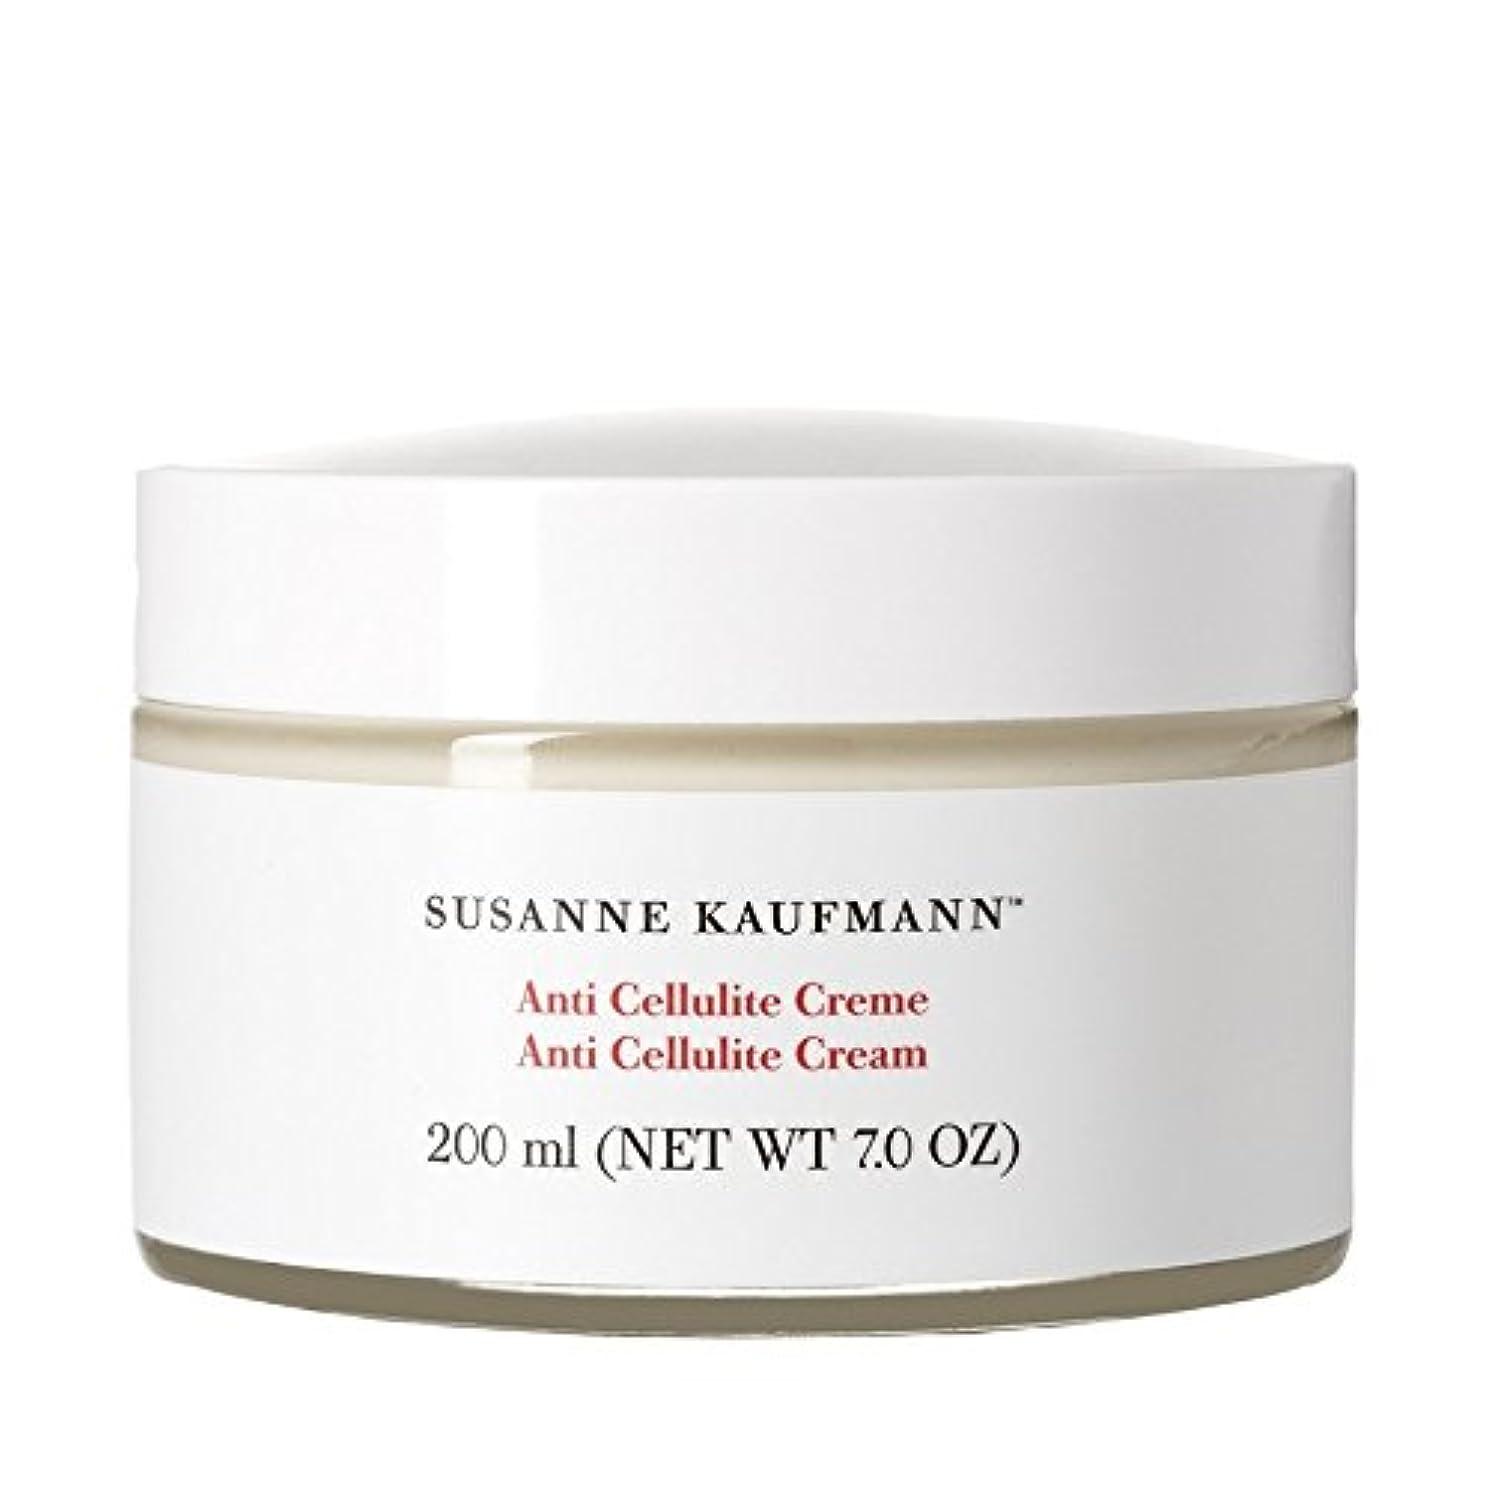 子孫抜け目のない尊敬スザンヌカウフマン抗セルライトクリーム200ミリリットル x2 - Susanne Kaufmann Anti Cellulite Cream 200ml (Pack of 2) [並行輸入品]